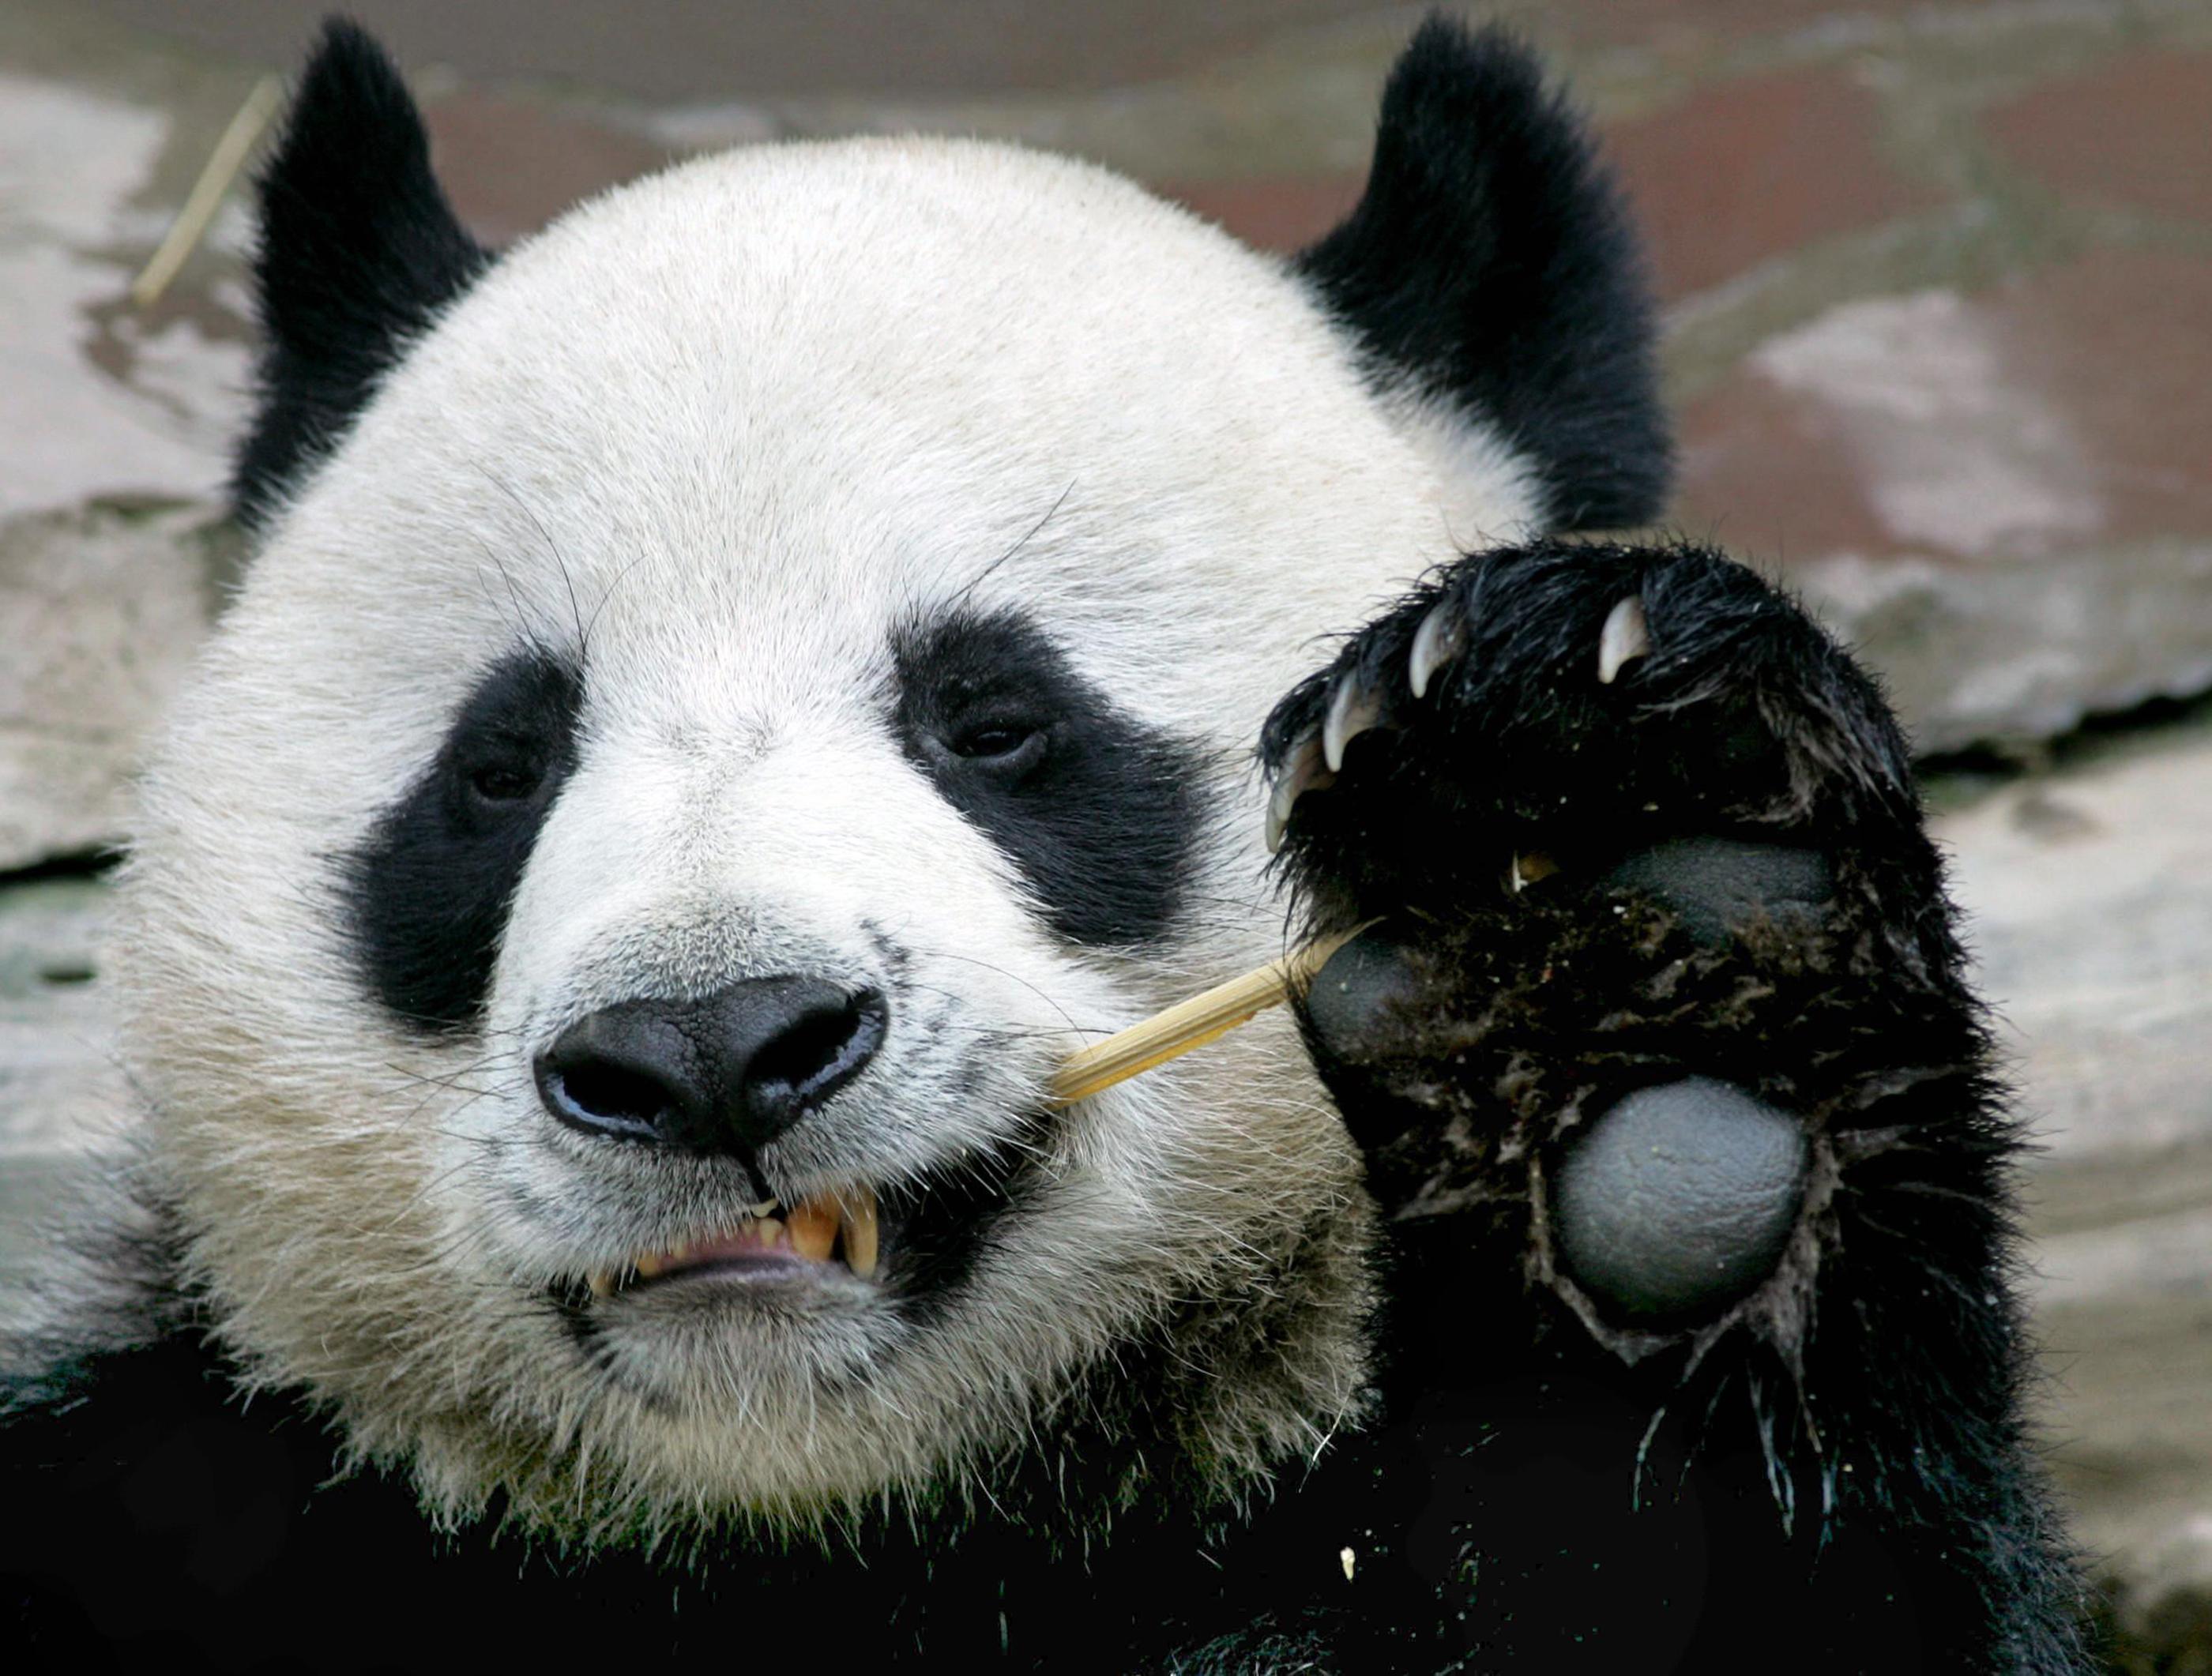 Meglépett egy panda a koppenhágai állatkertből